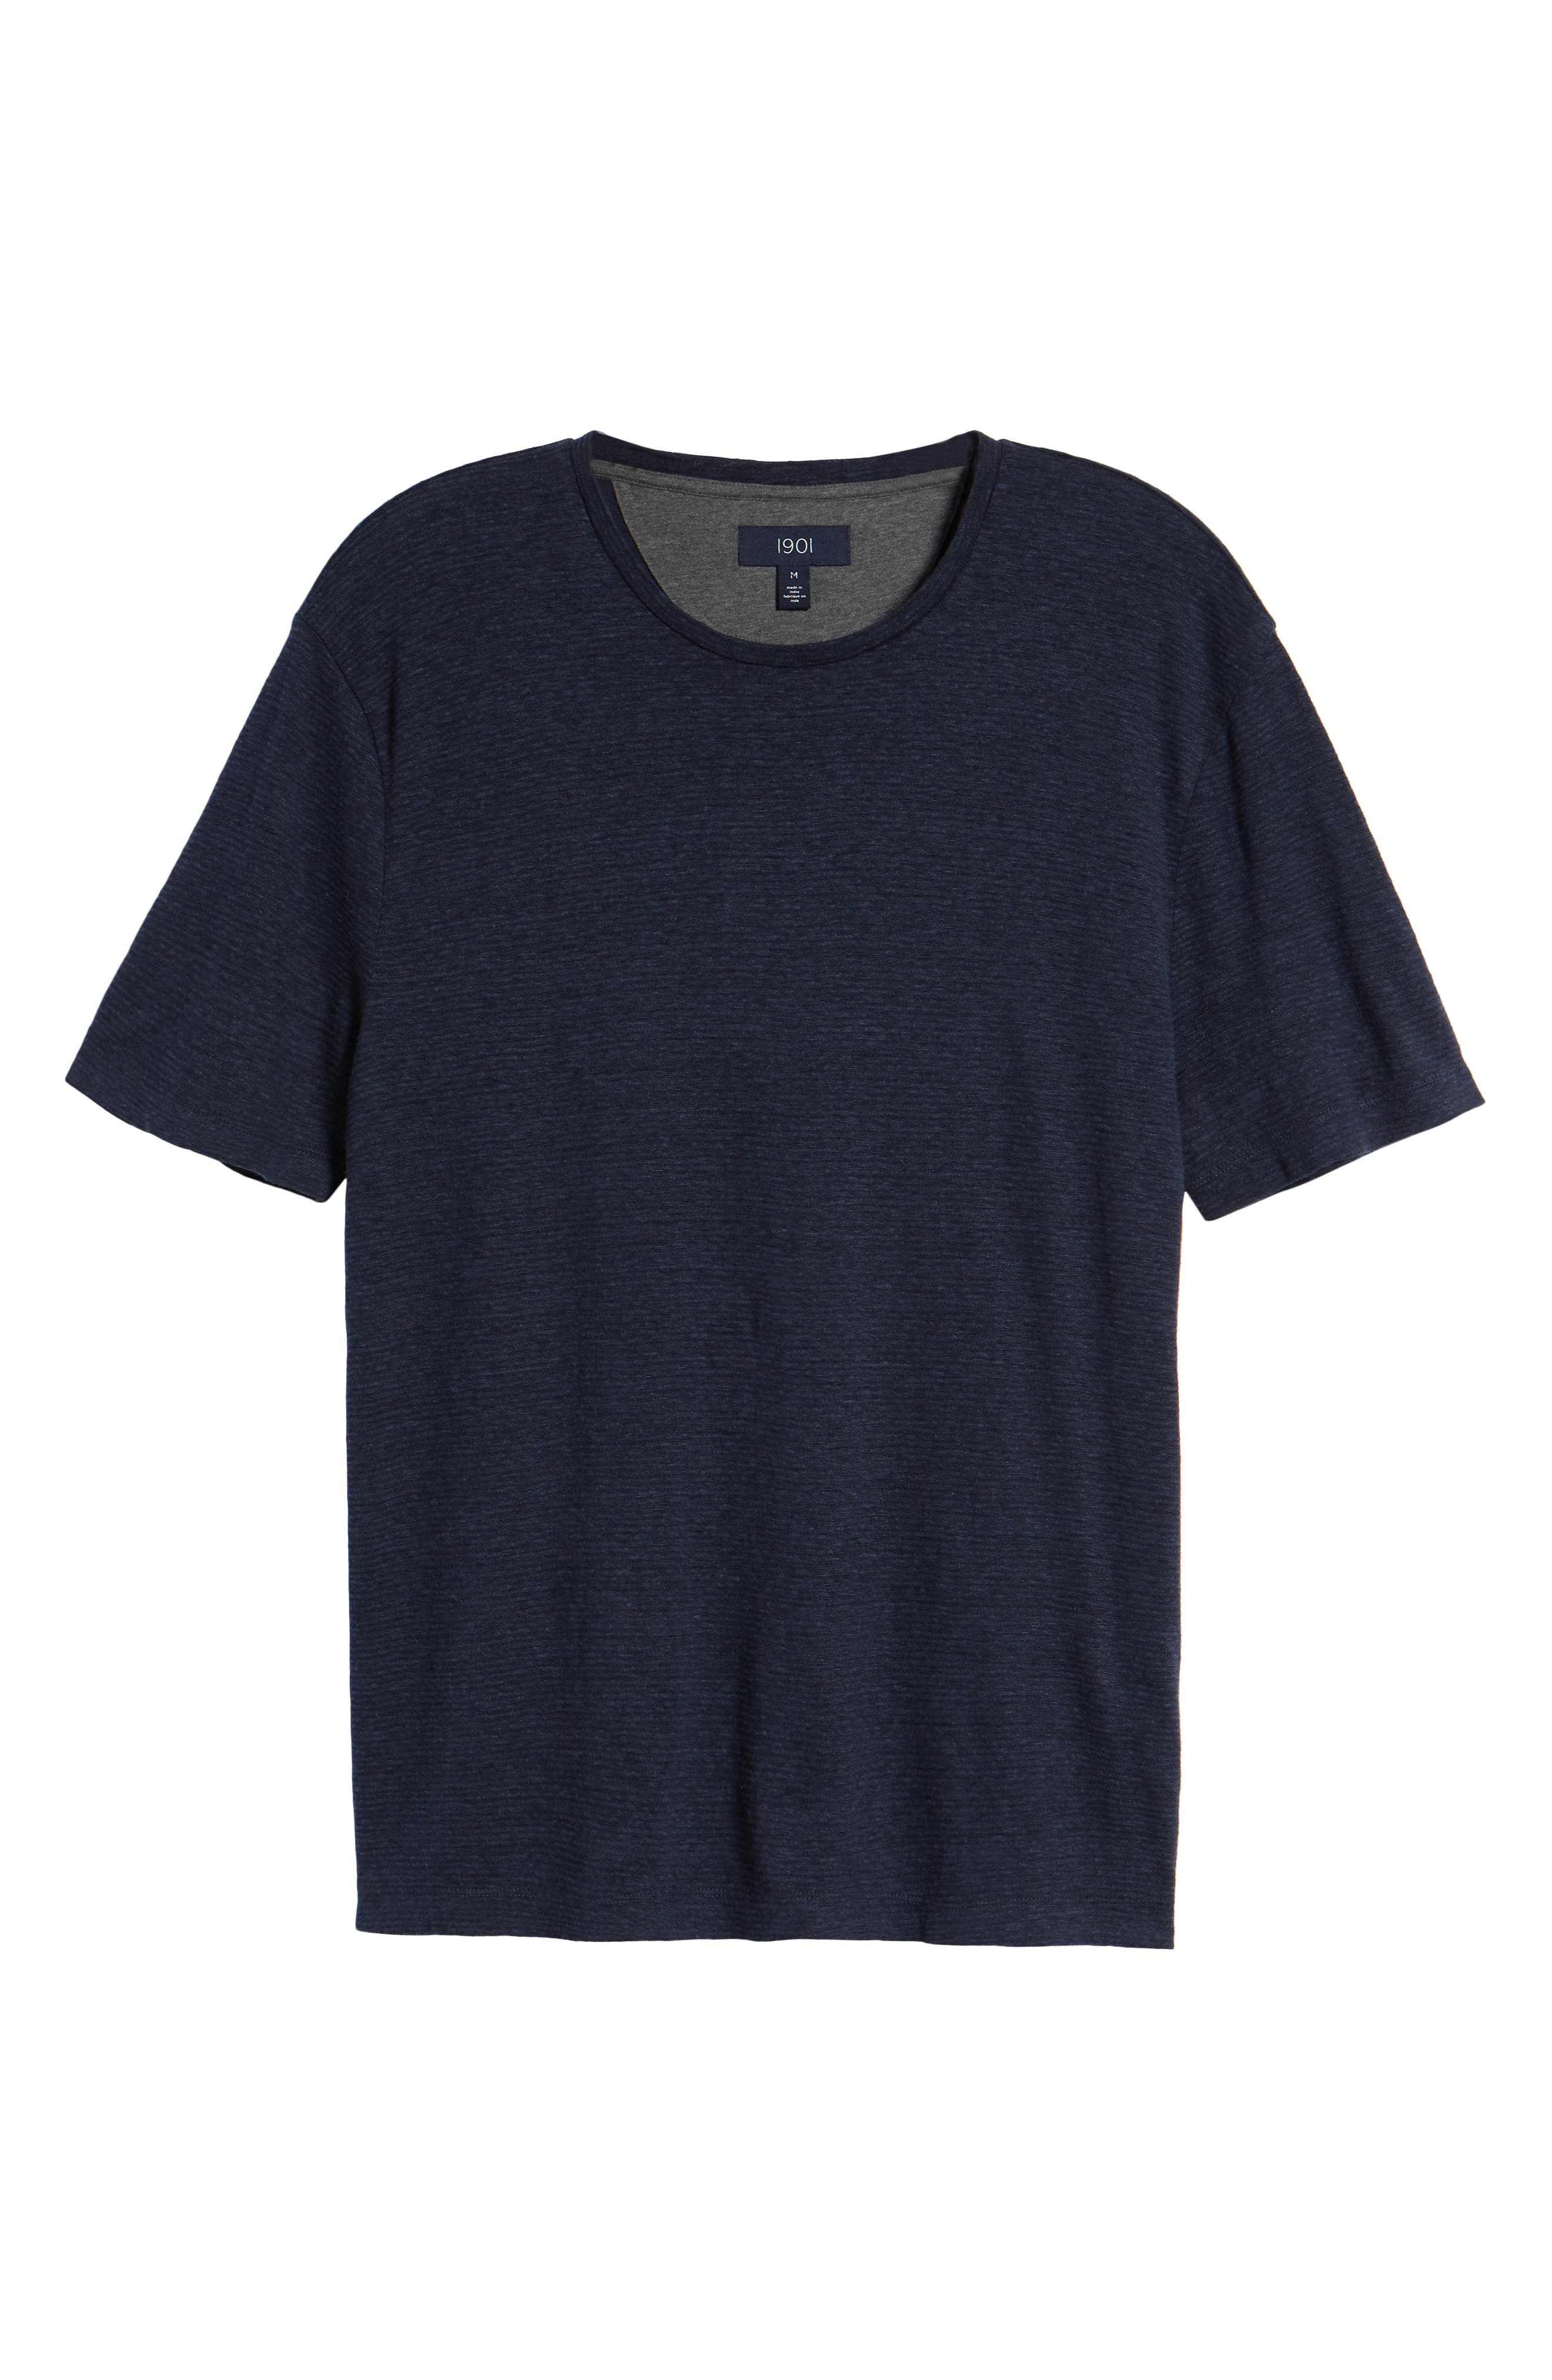 Linen Blend Jersey T-Shirt,                             Alternate thumbnail 6, color,                             Navy Iris Heather